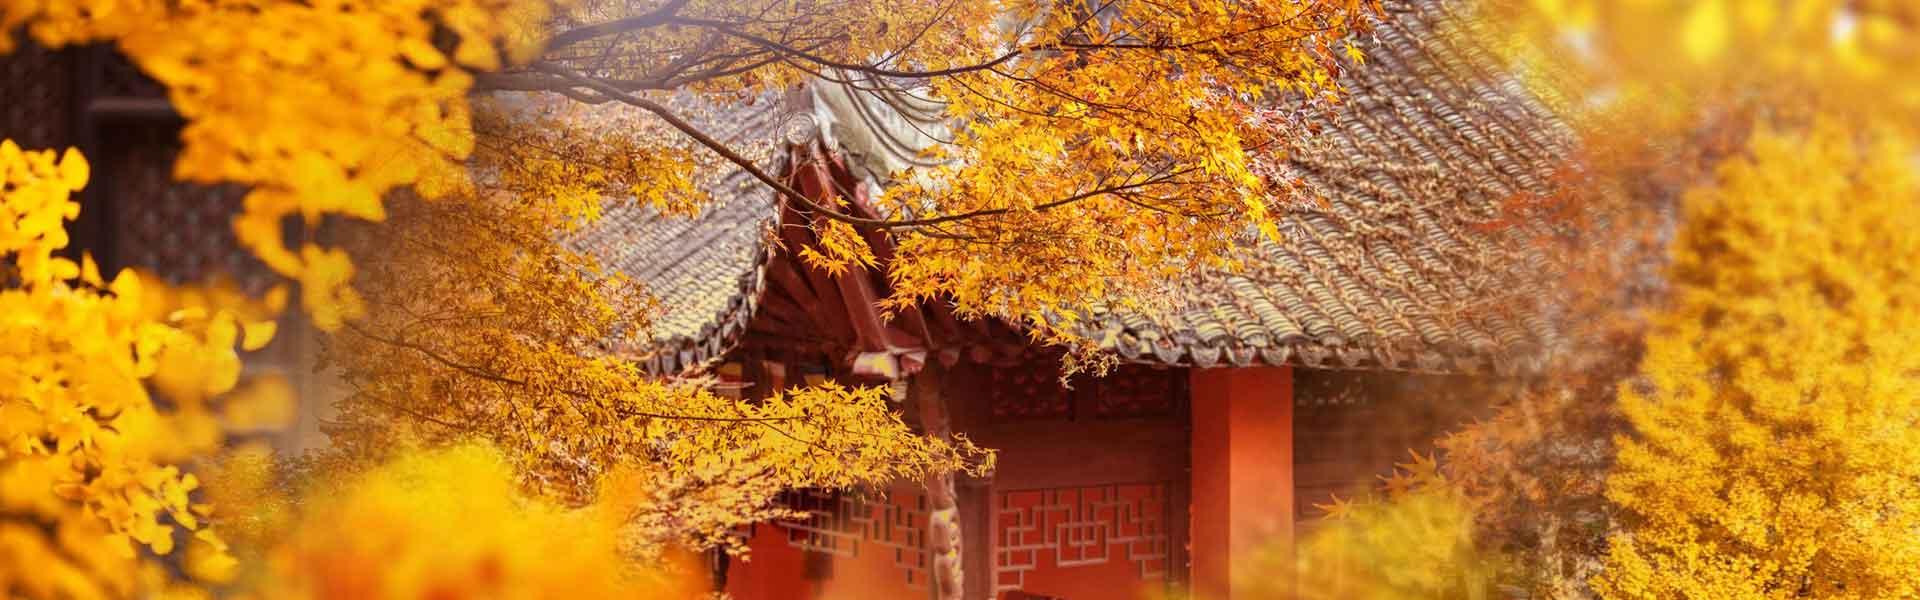 https://www.gonanjingchina.com/sites/default/files/fall-in-love-with-nanjing-autumn-in-nanjing-03.jpg